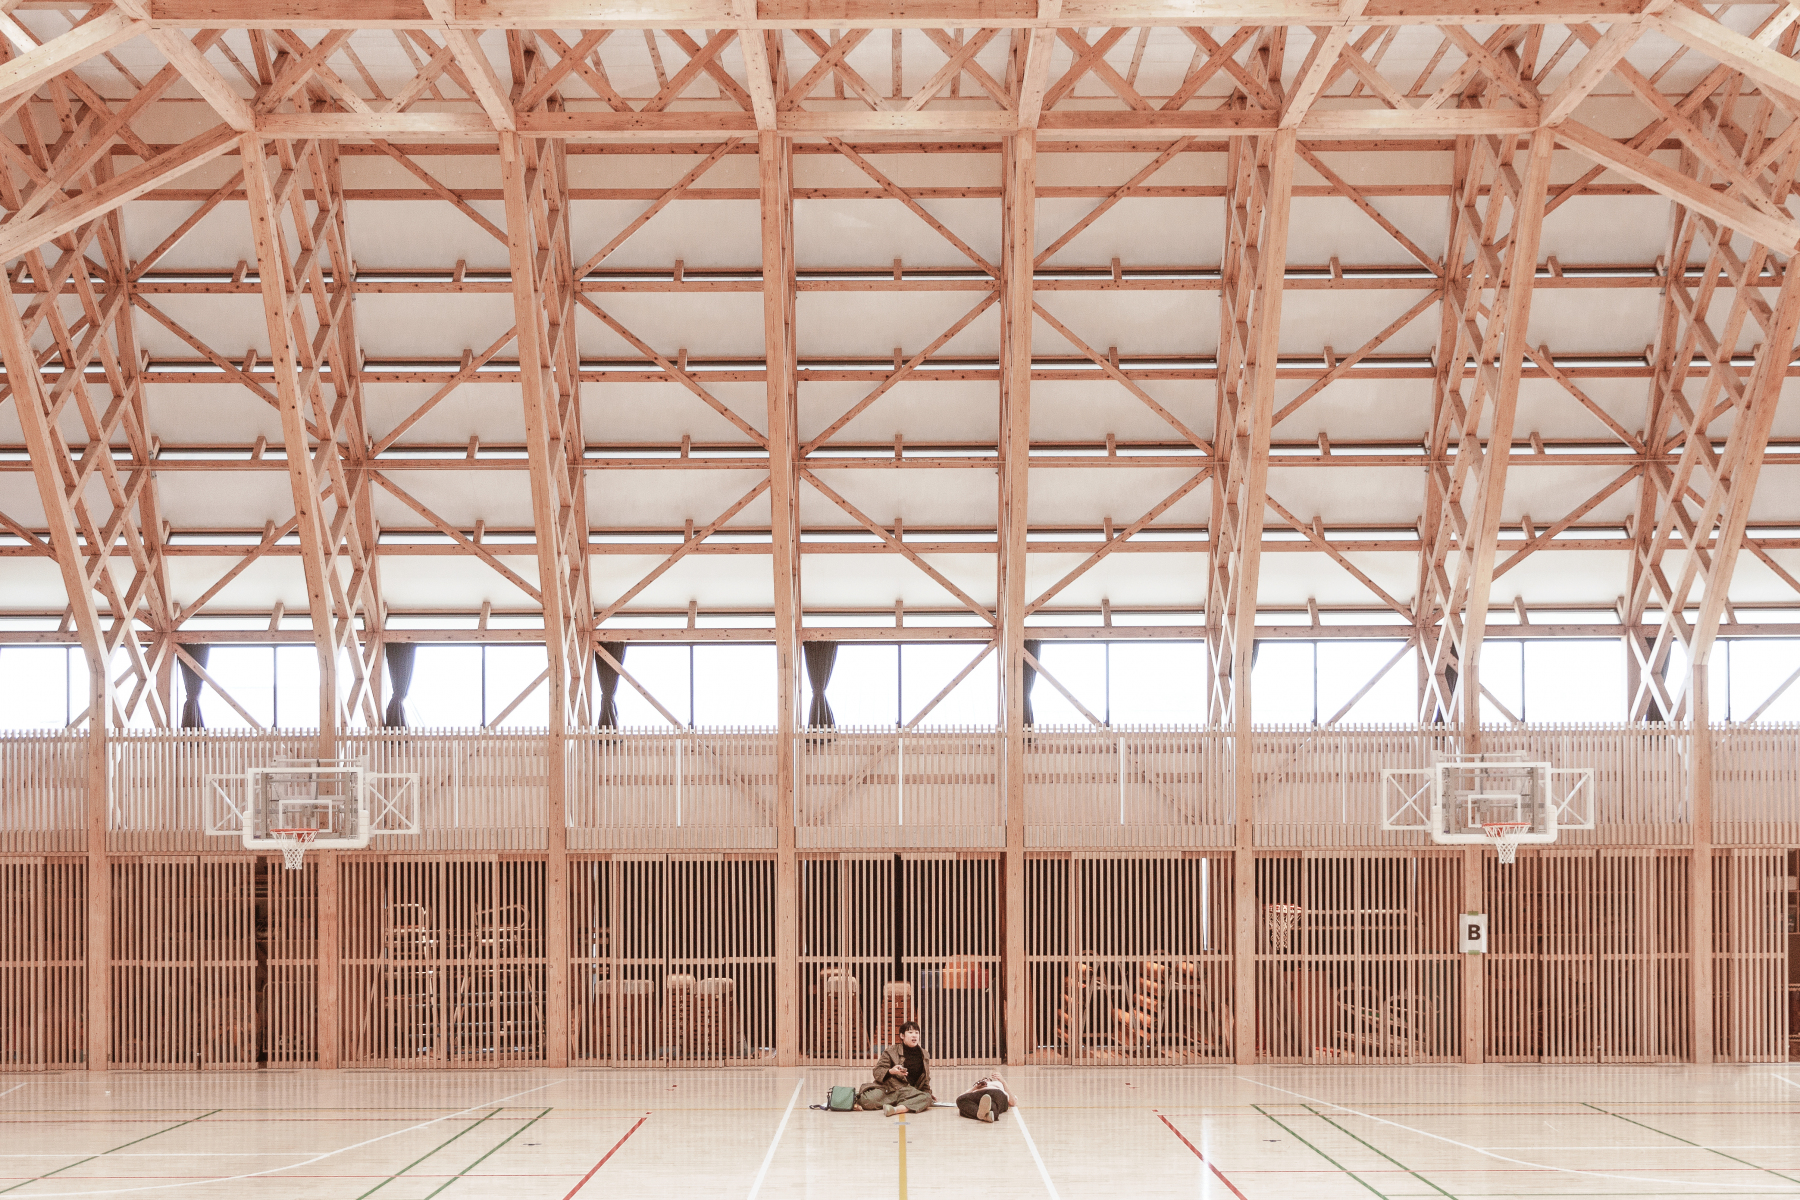 Miyanomori Elementary School, Shozo Kazami. Higashi Matsushima, Miyagi